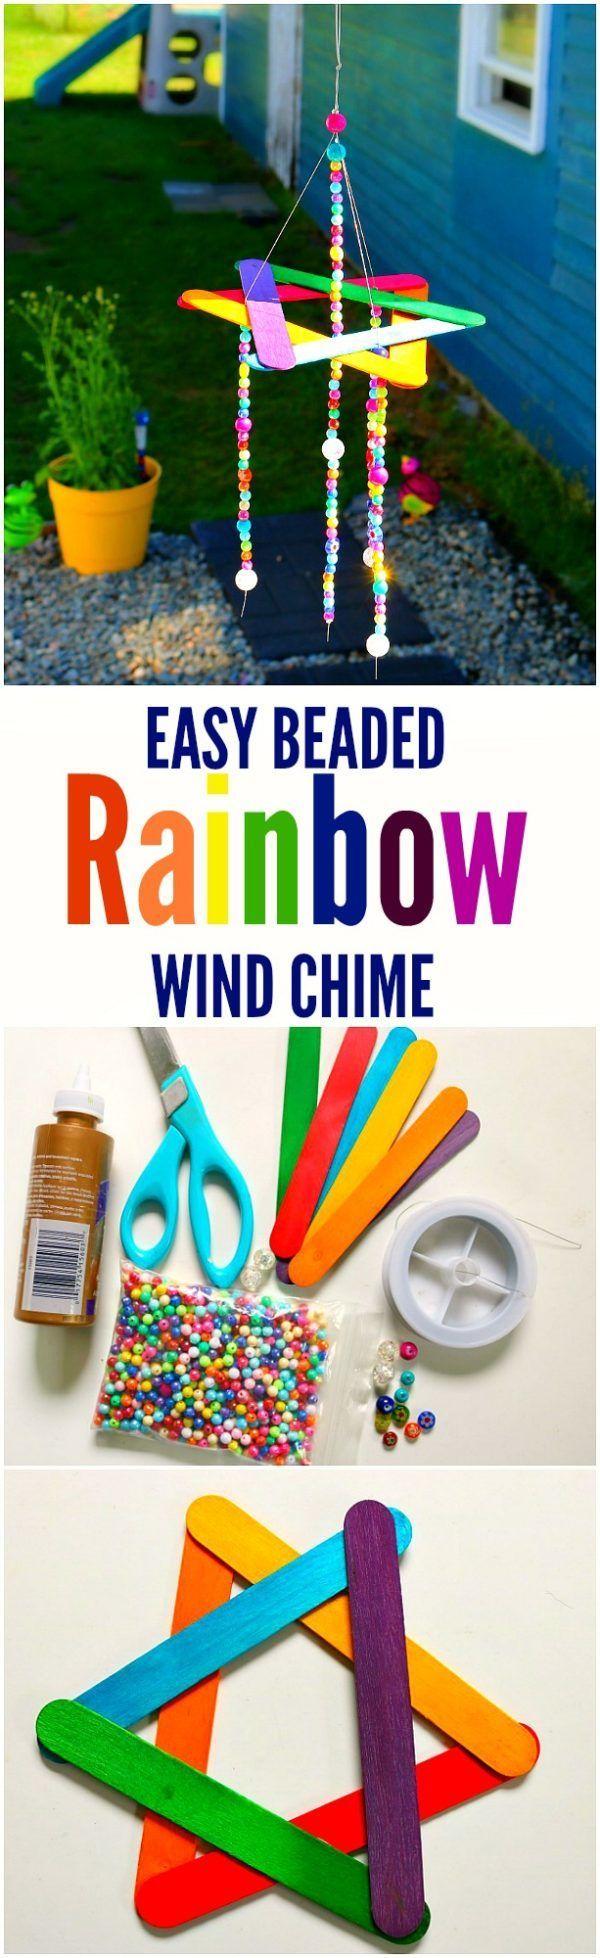 best crafts for kids images on pinterest crafts for kids for